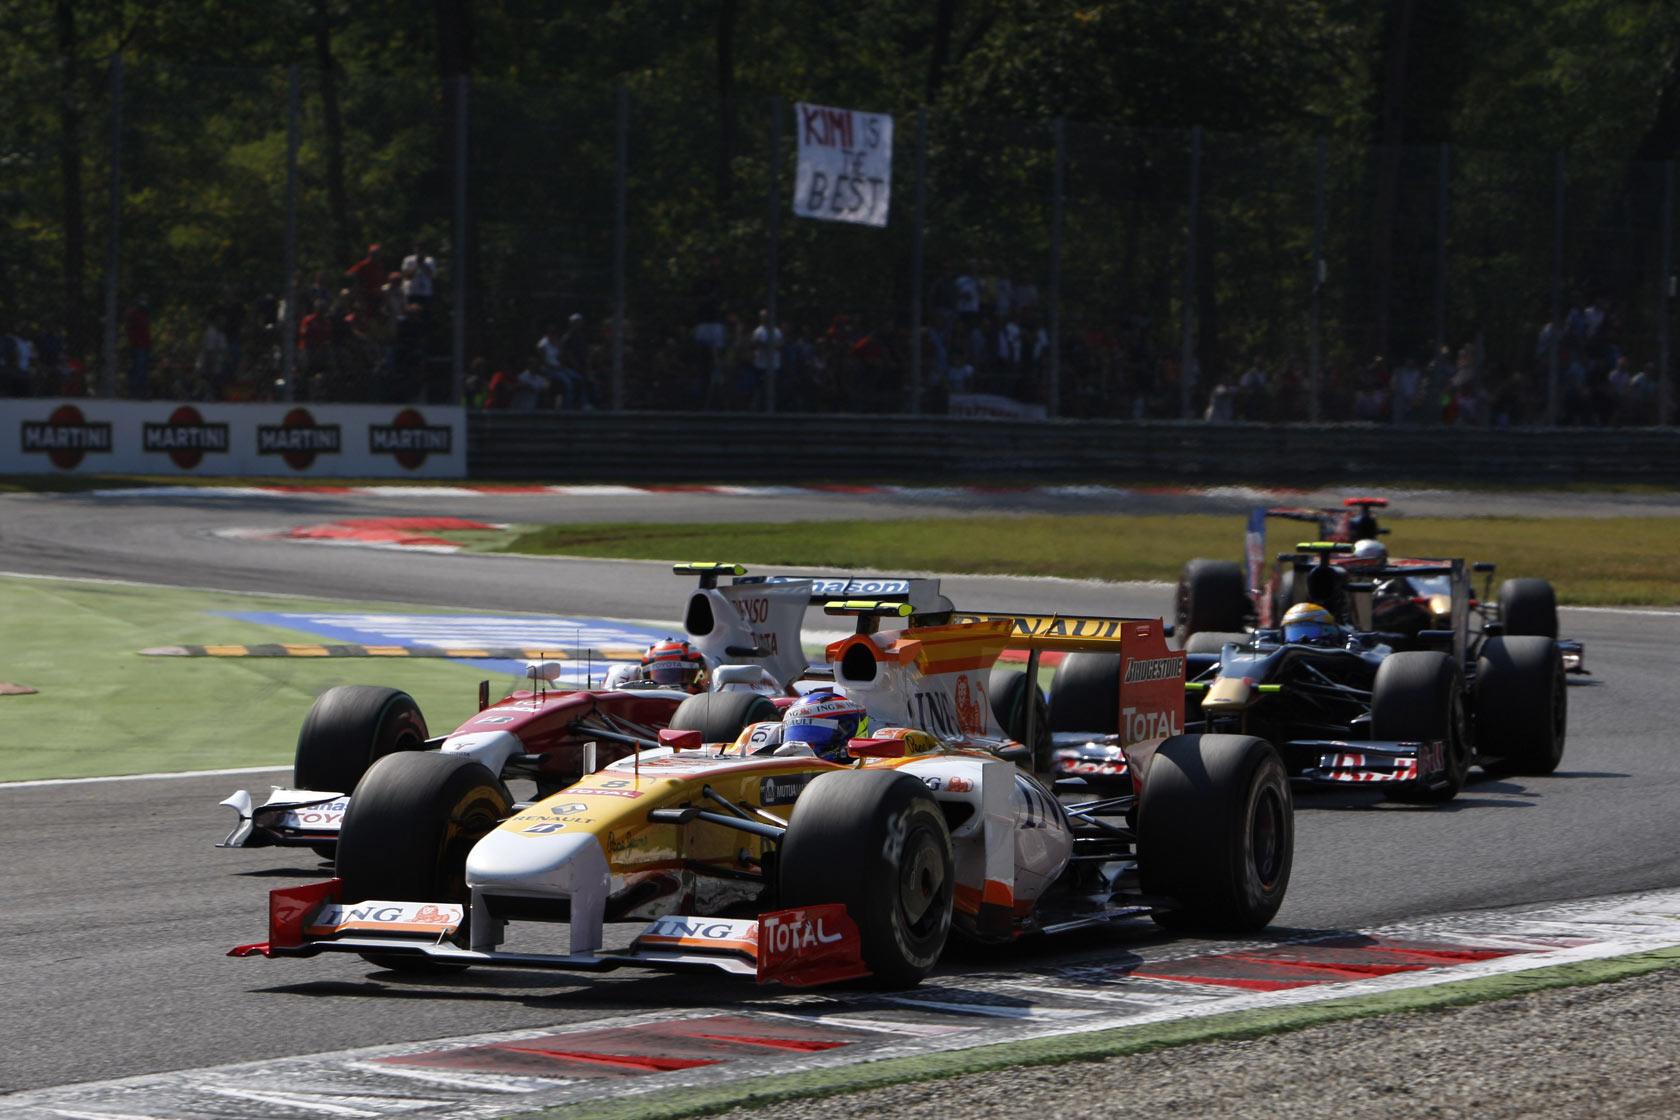 Grosjean se nije proslavio u prvim F1 nastupima u Renaultu 2009. Mijenjao je Nelsona Piqueta od VN Europe i u sedam utrka nije osvojio ni bod. Na slici je VN Italije gdje se kvalificirao 12., a završio na 15. mjestu. (13.9.2009.) Foto: f1fanatic